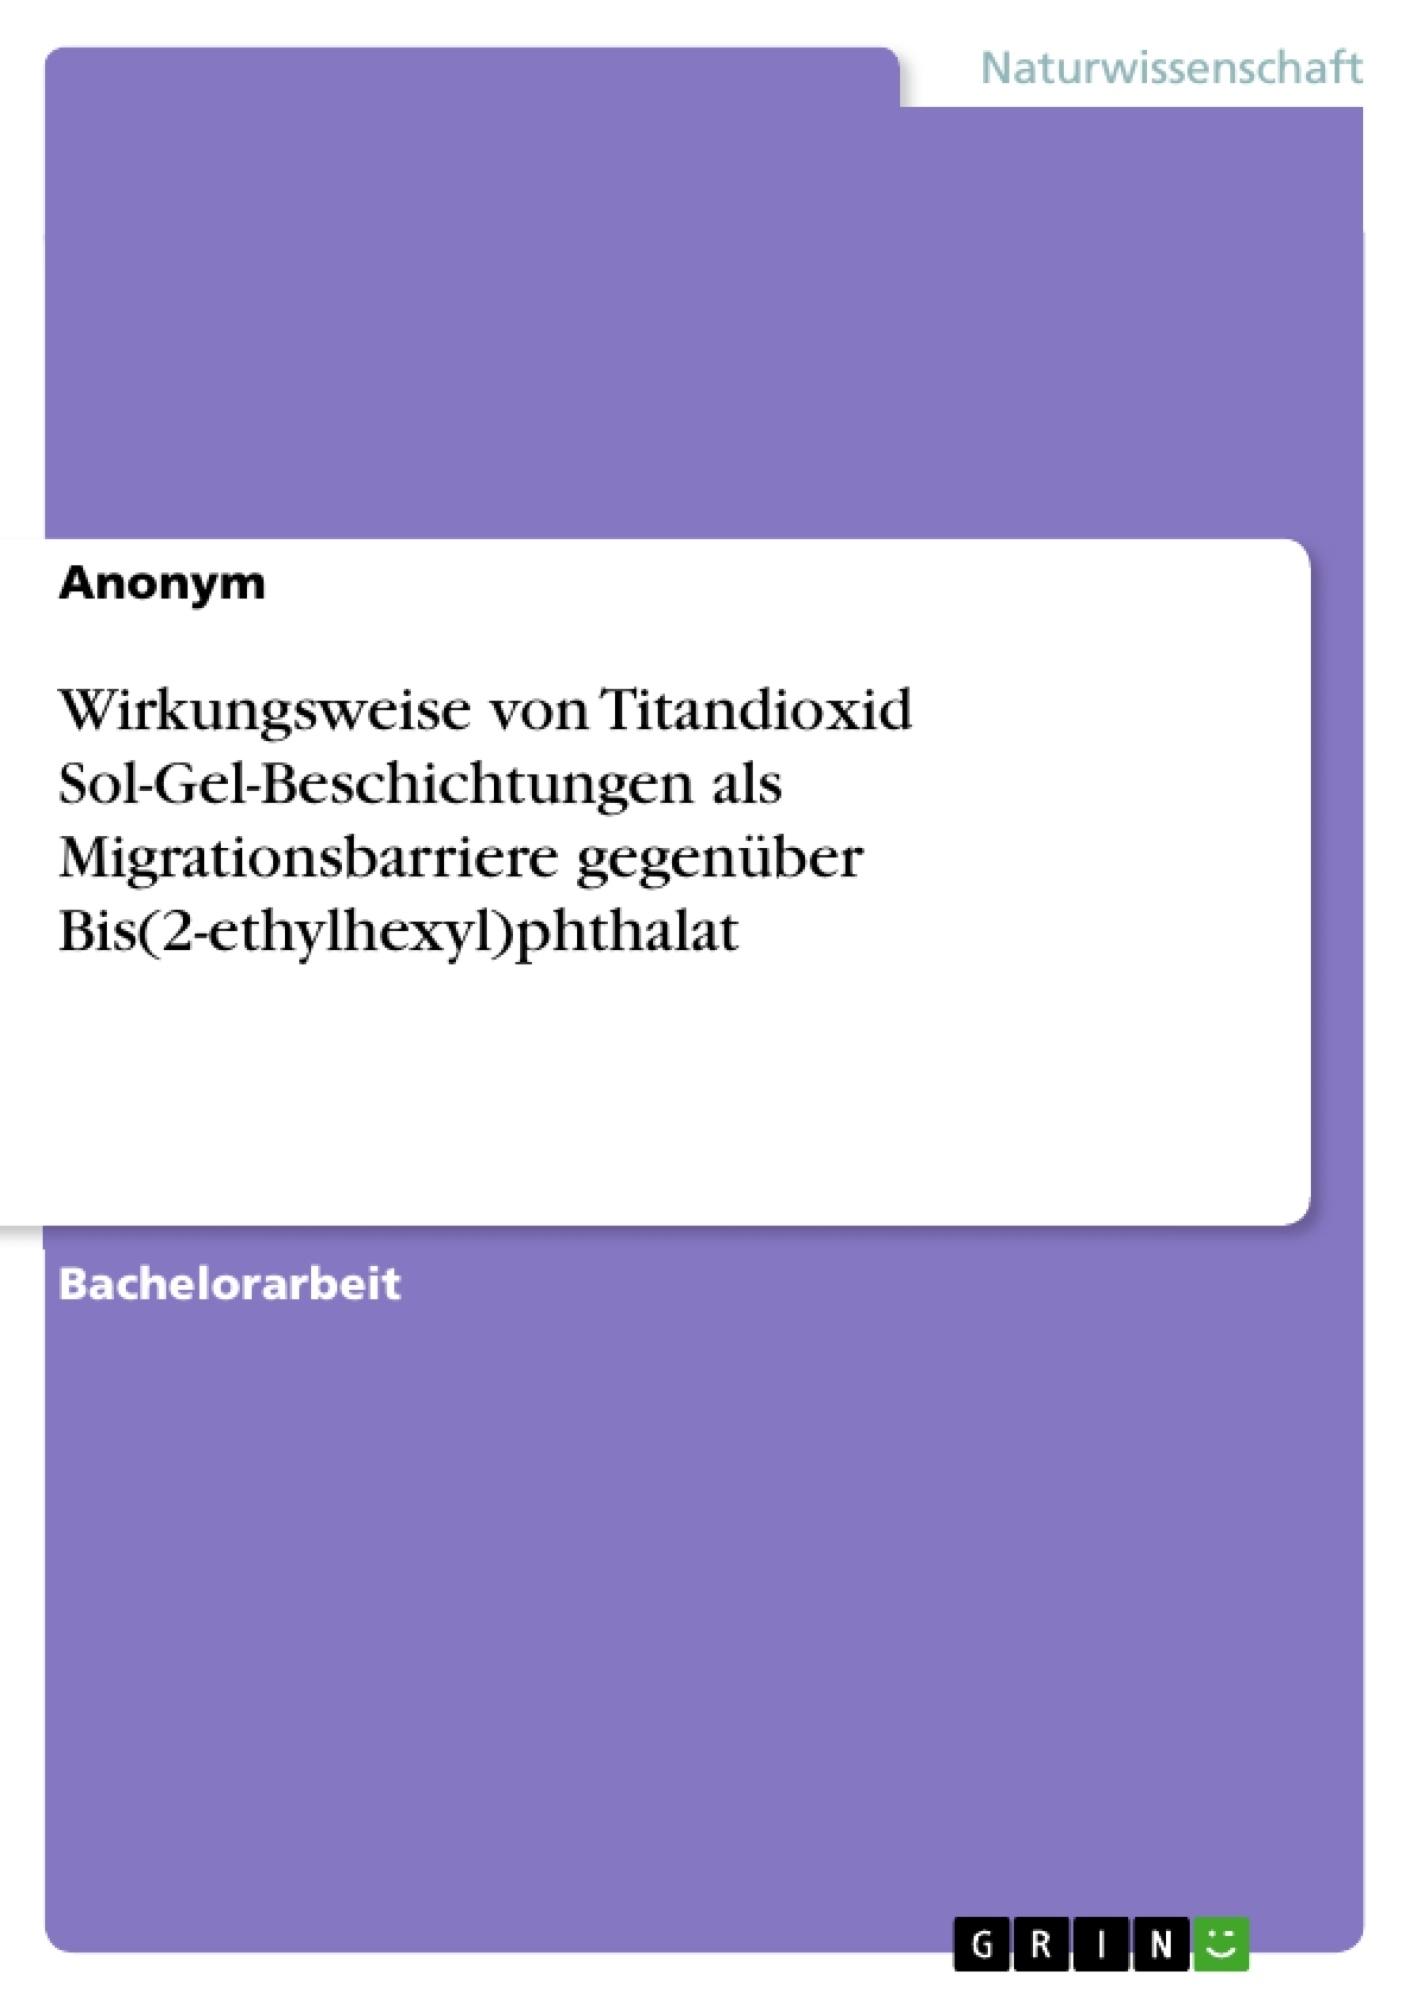 Titel: Wirkungsweise von Titandioxid Sol-Gel-Beschichtungen als Migrationsbarriere gegenüber Bis(2-ethylhexyl)phthalat